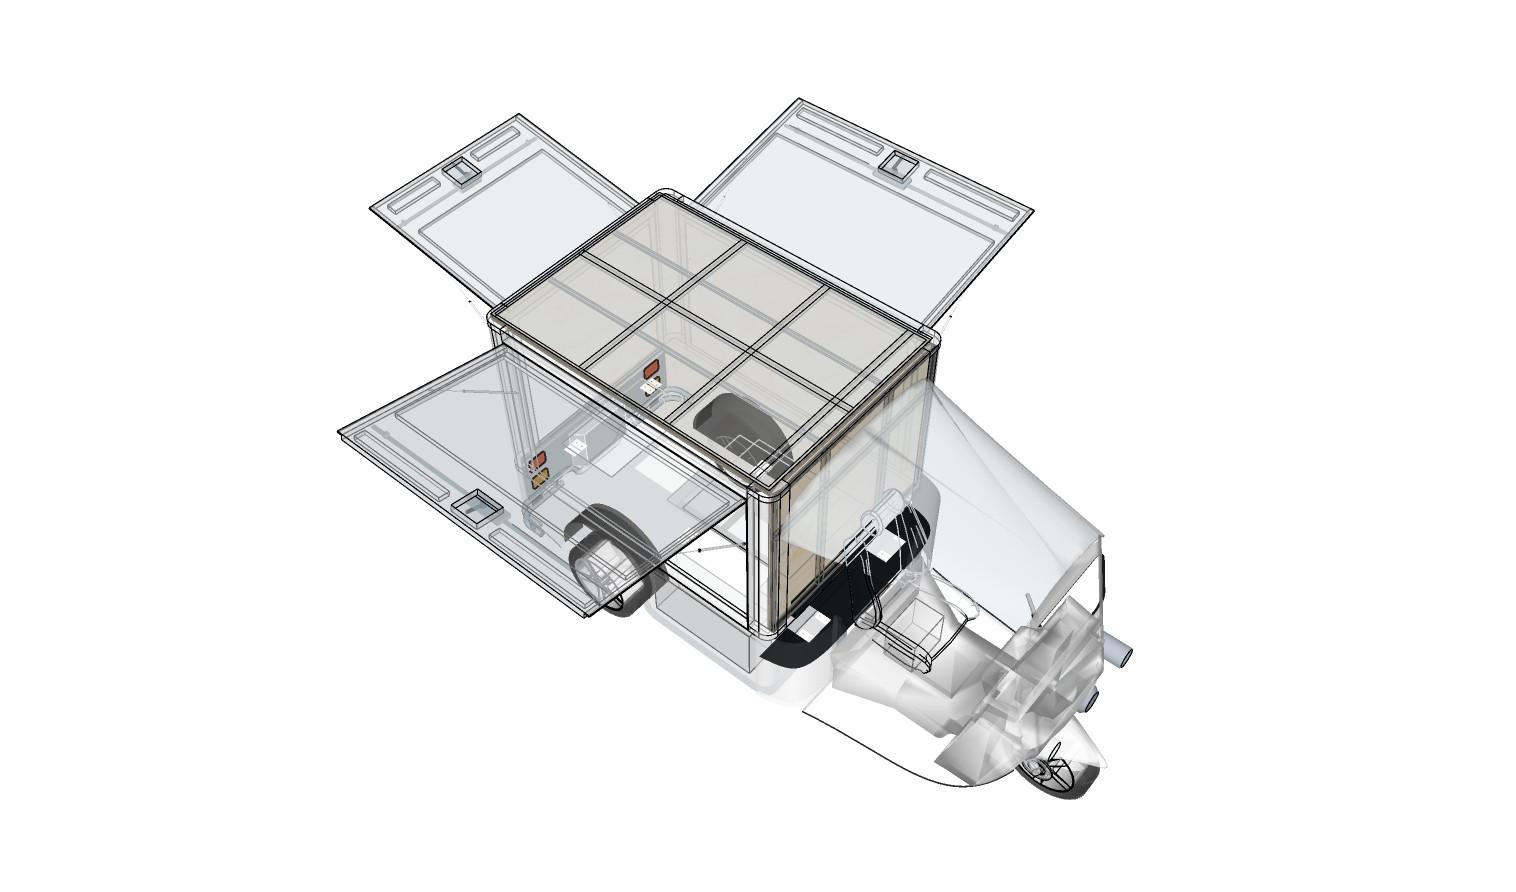 TukFab-VehicleDimensions-Vendor-Iso4.jpg